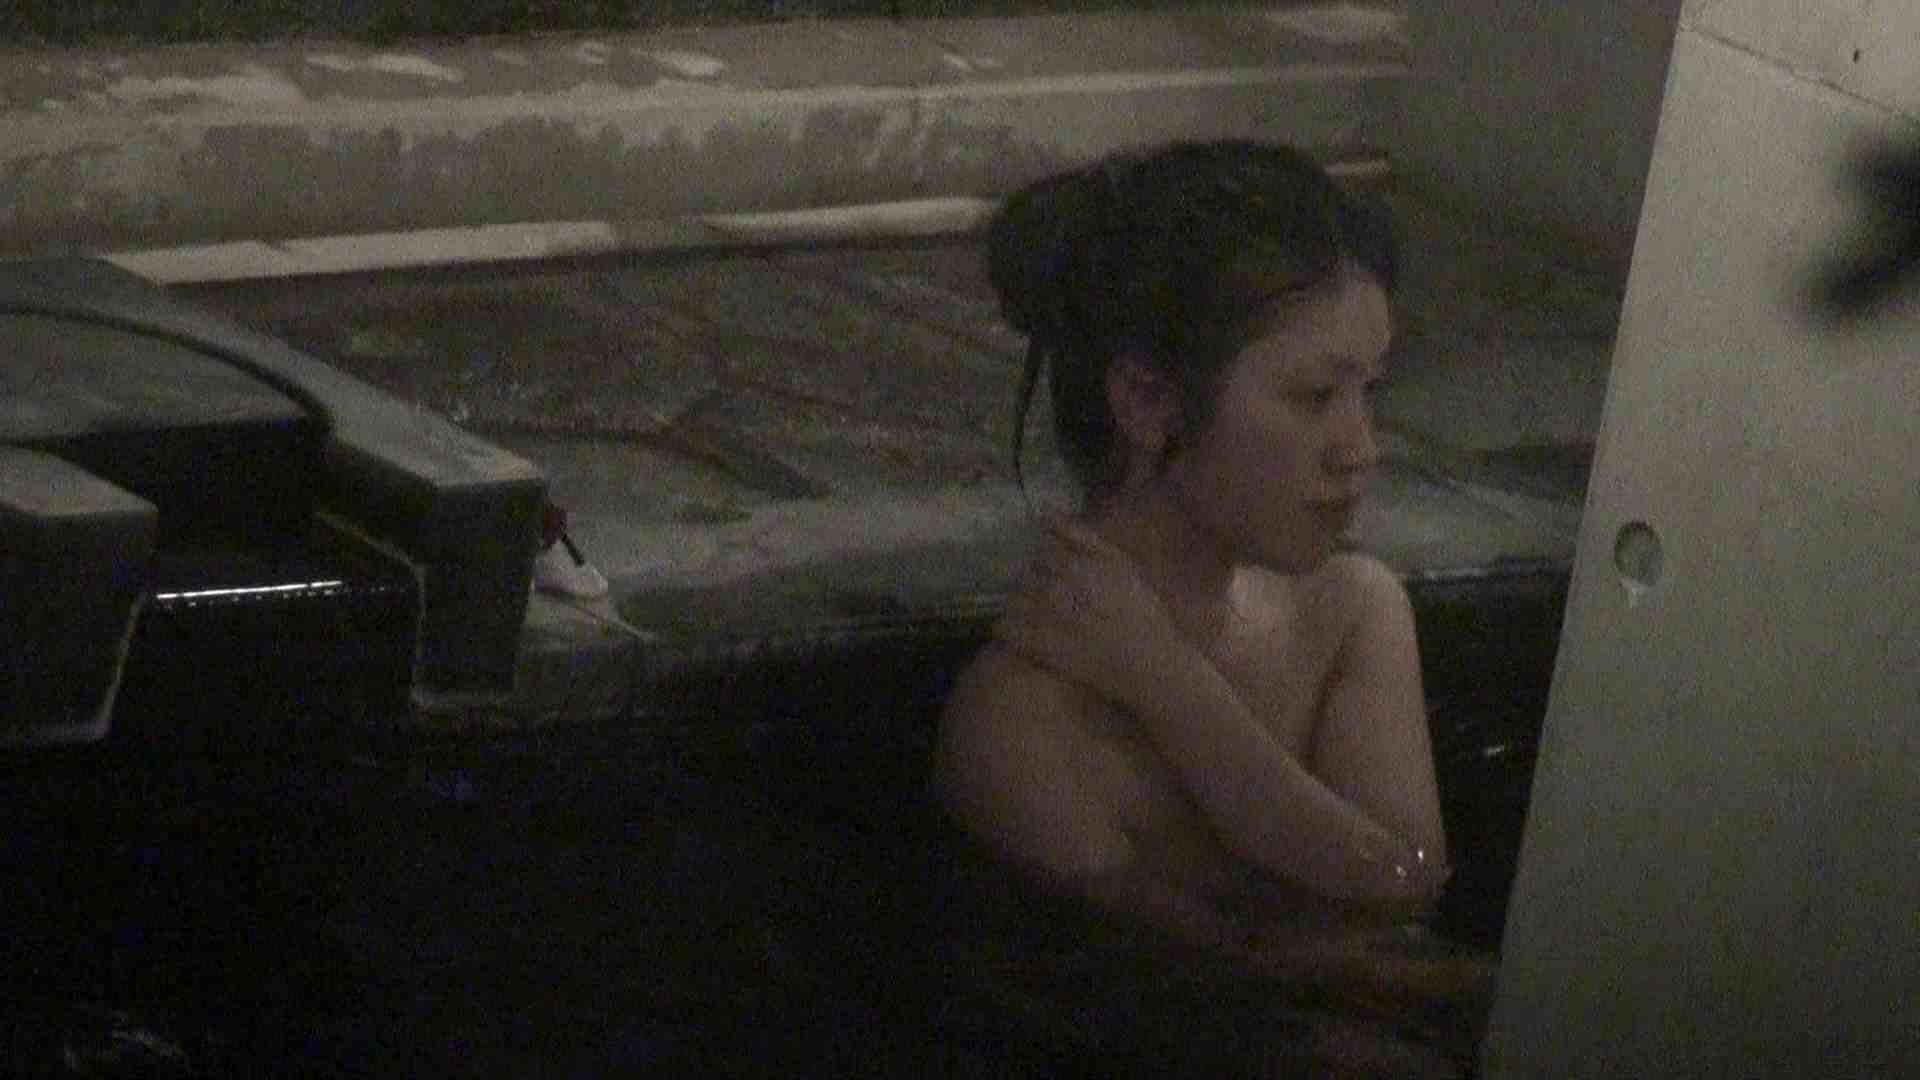 Aquaな露天風呂Vol.371 盗撮 | 綺麗なOLたち  94枚 46